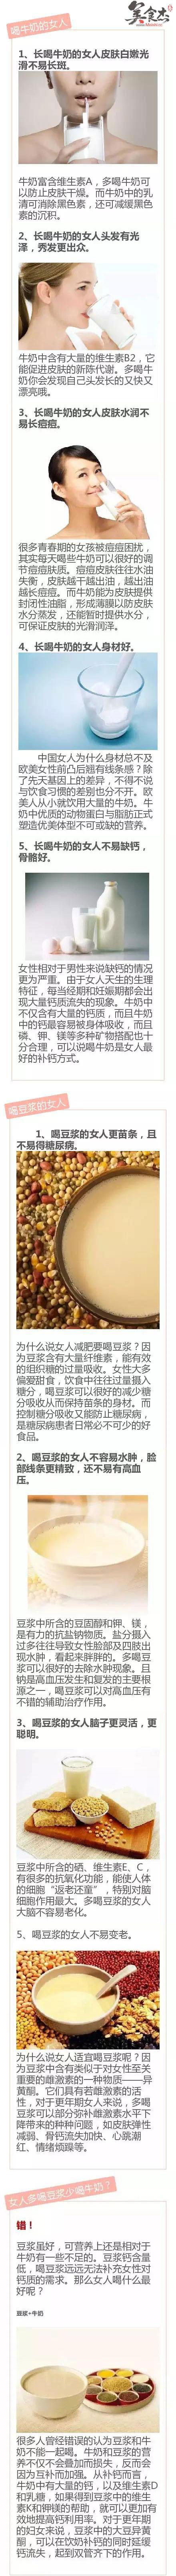 女人常喝牛奶与常喝豆浆的下场wj.jpg